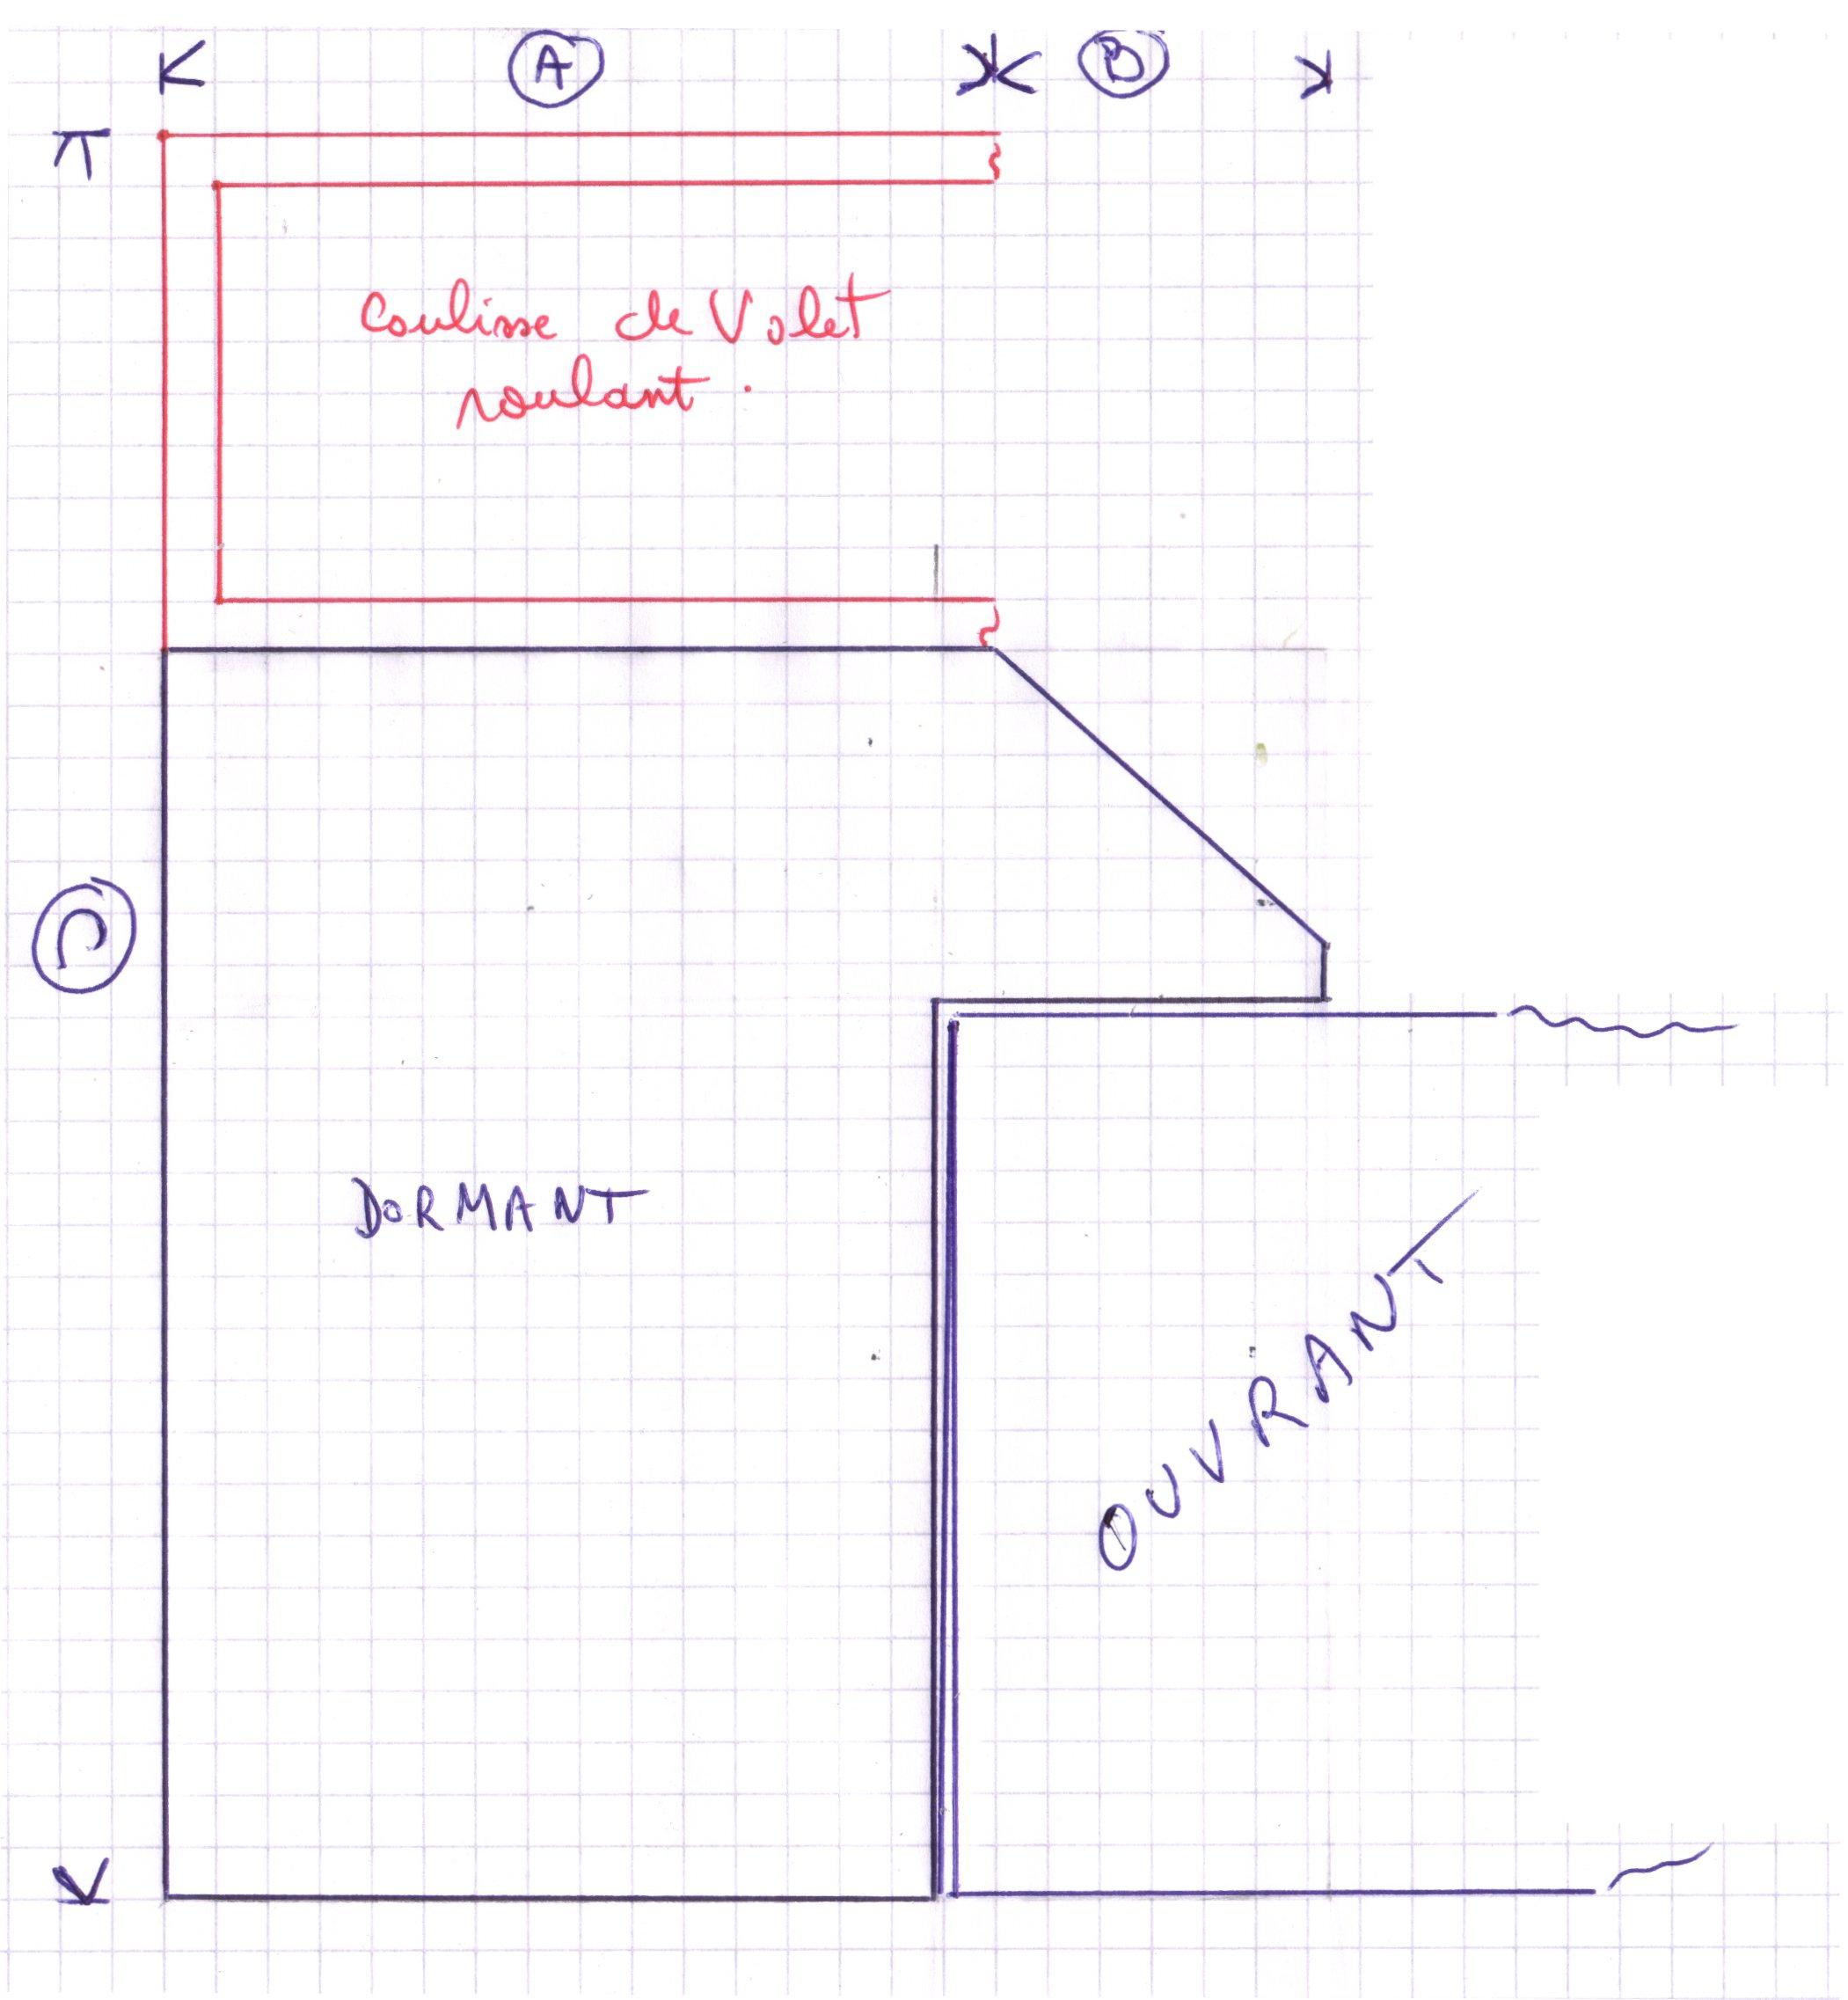 Cotes D 39 Un Profil Pvc Classic Lapeyre Avec Volet Roulant Incorpor